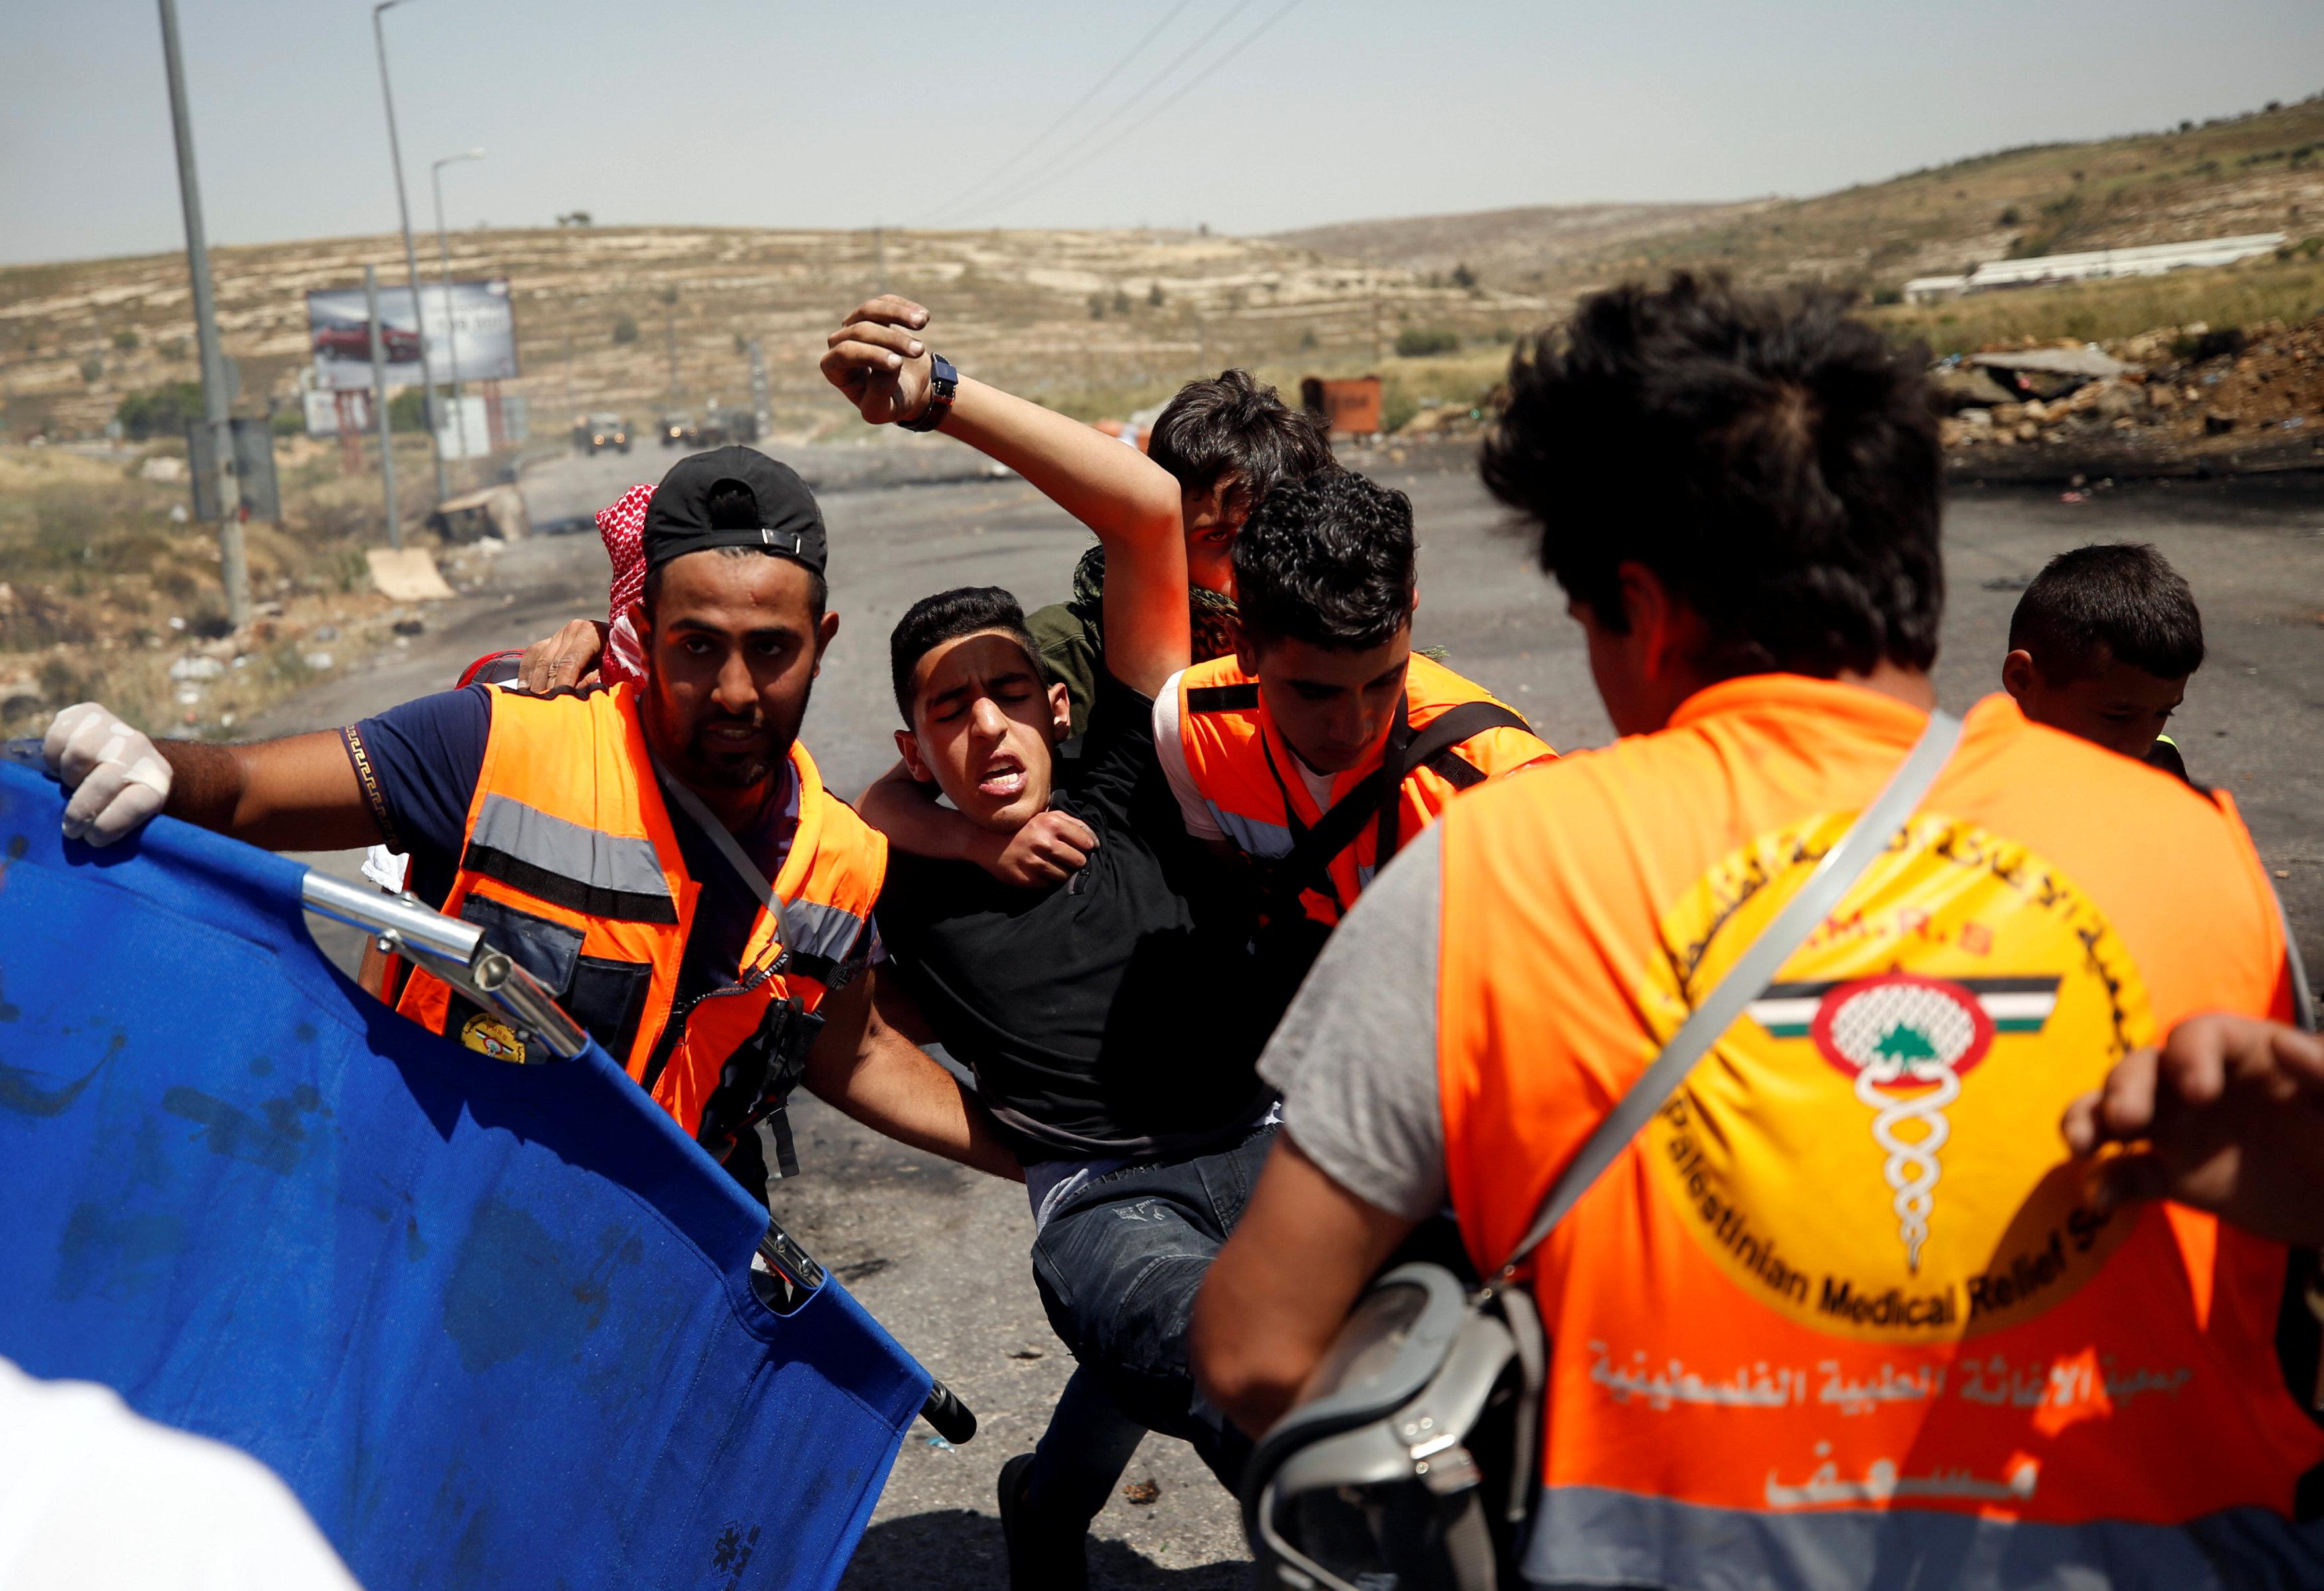 الإسعاف تنقل مصاب فى مواجهة مع قوات الاحتلال